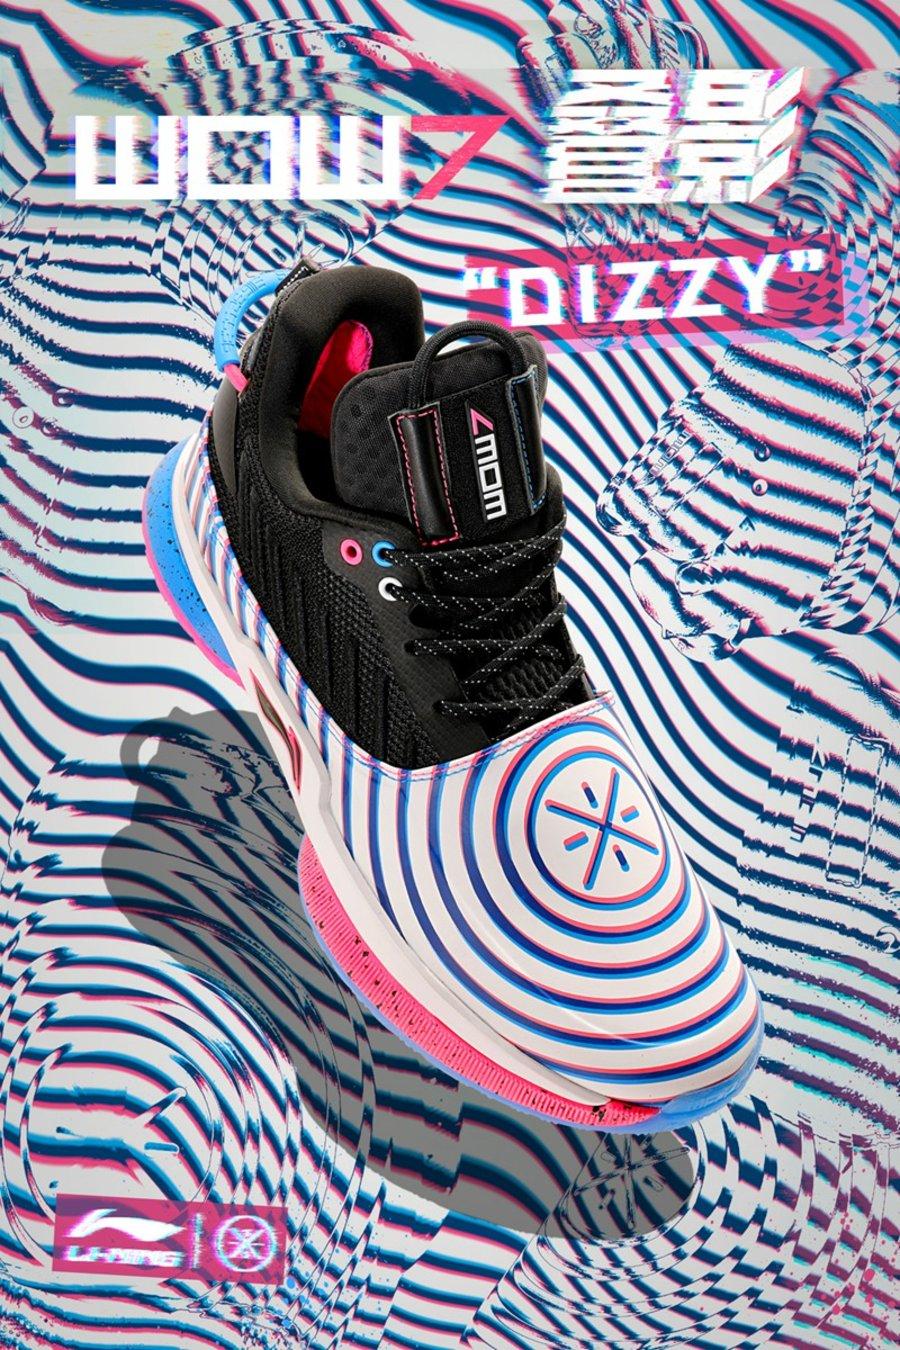 """韦德之道 7,WOW7,发售  裸眼 3D!韦德之道 7 """"Dizzy"""" 明早发售,入手方式在此"""